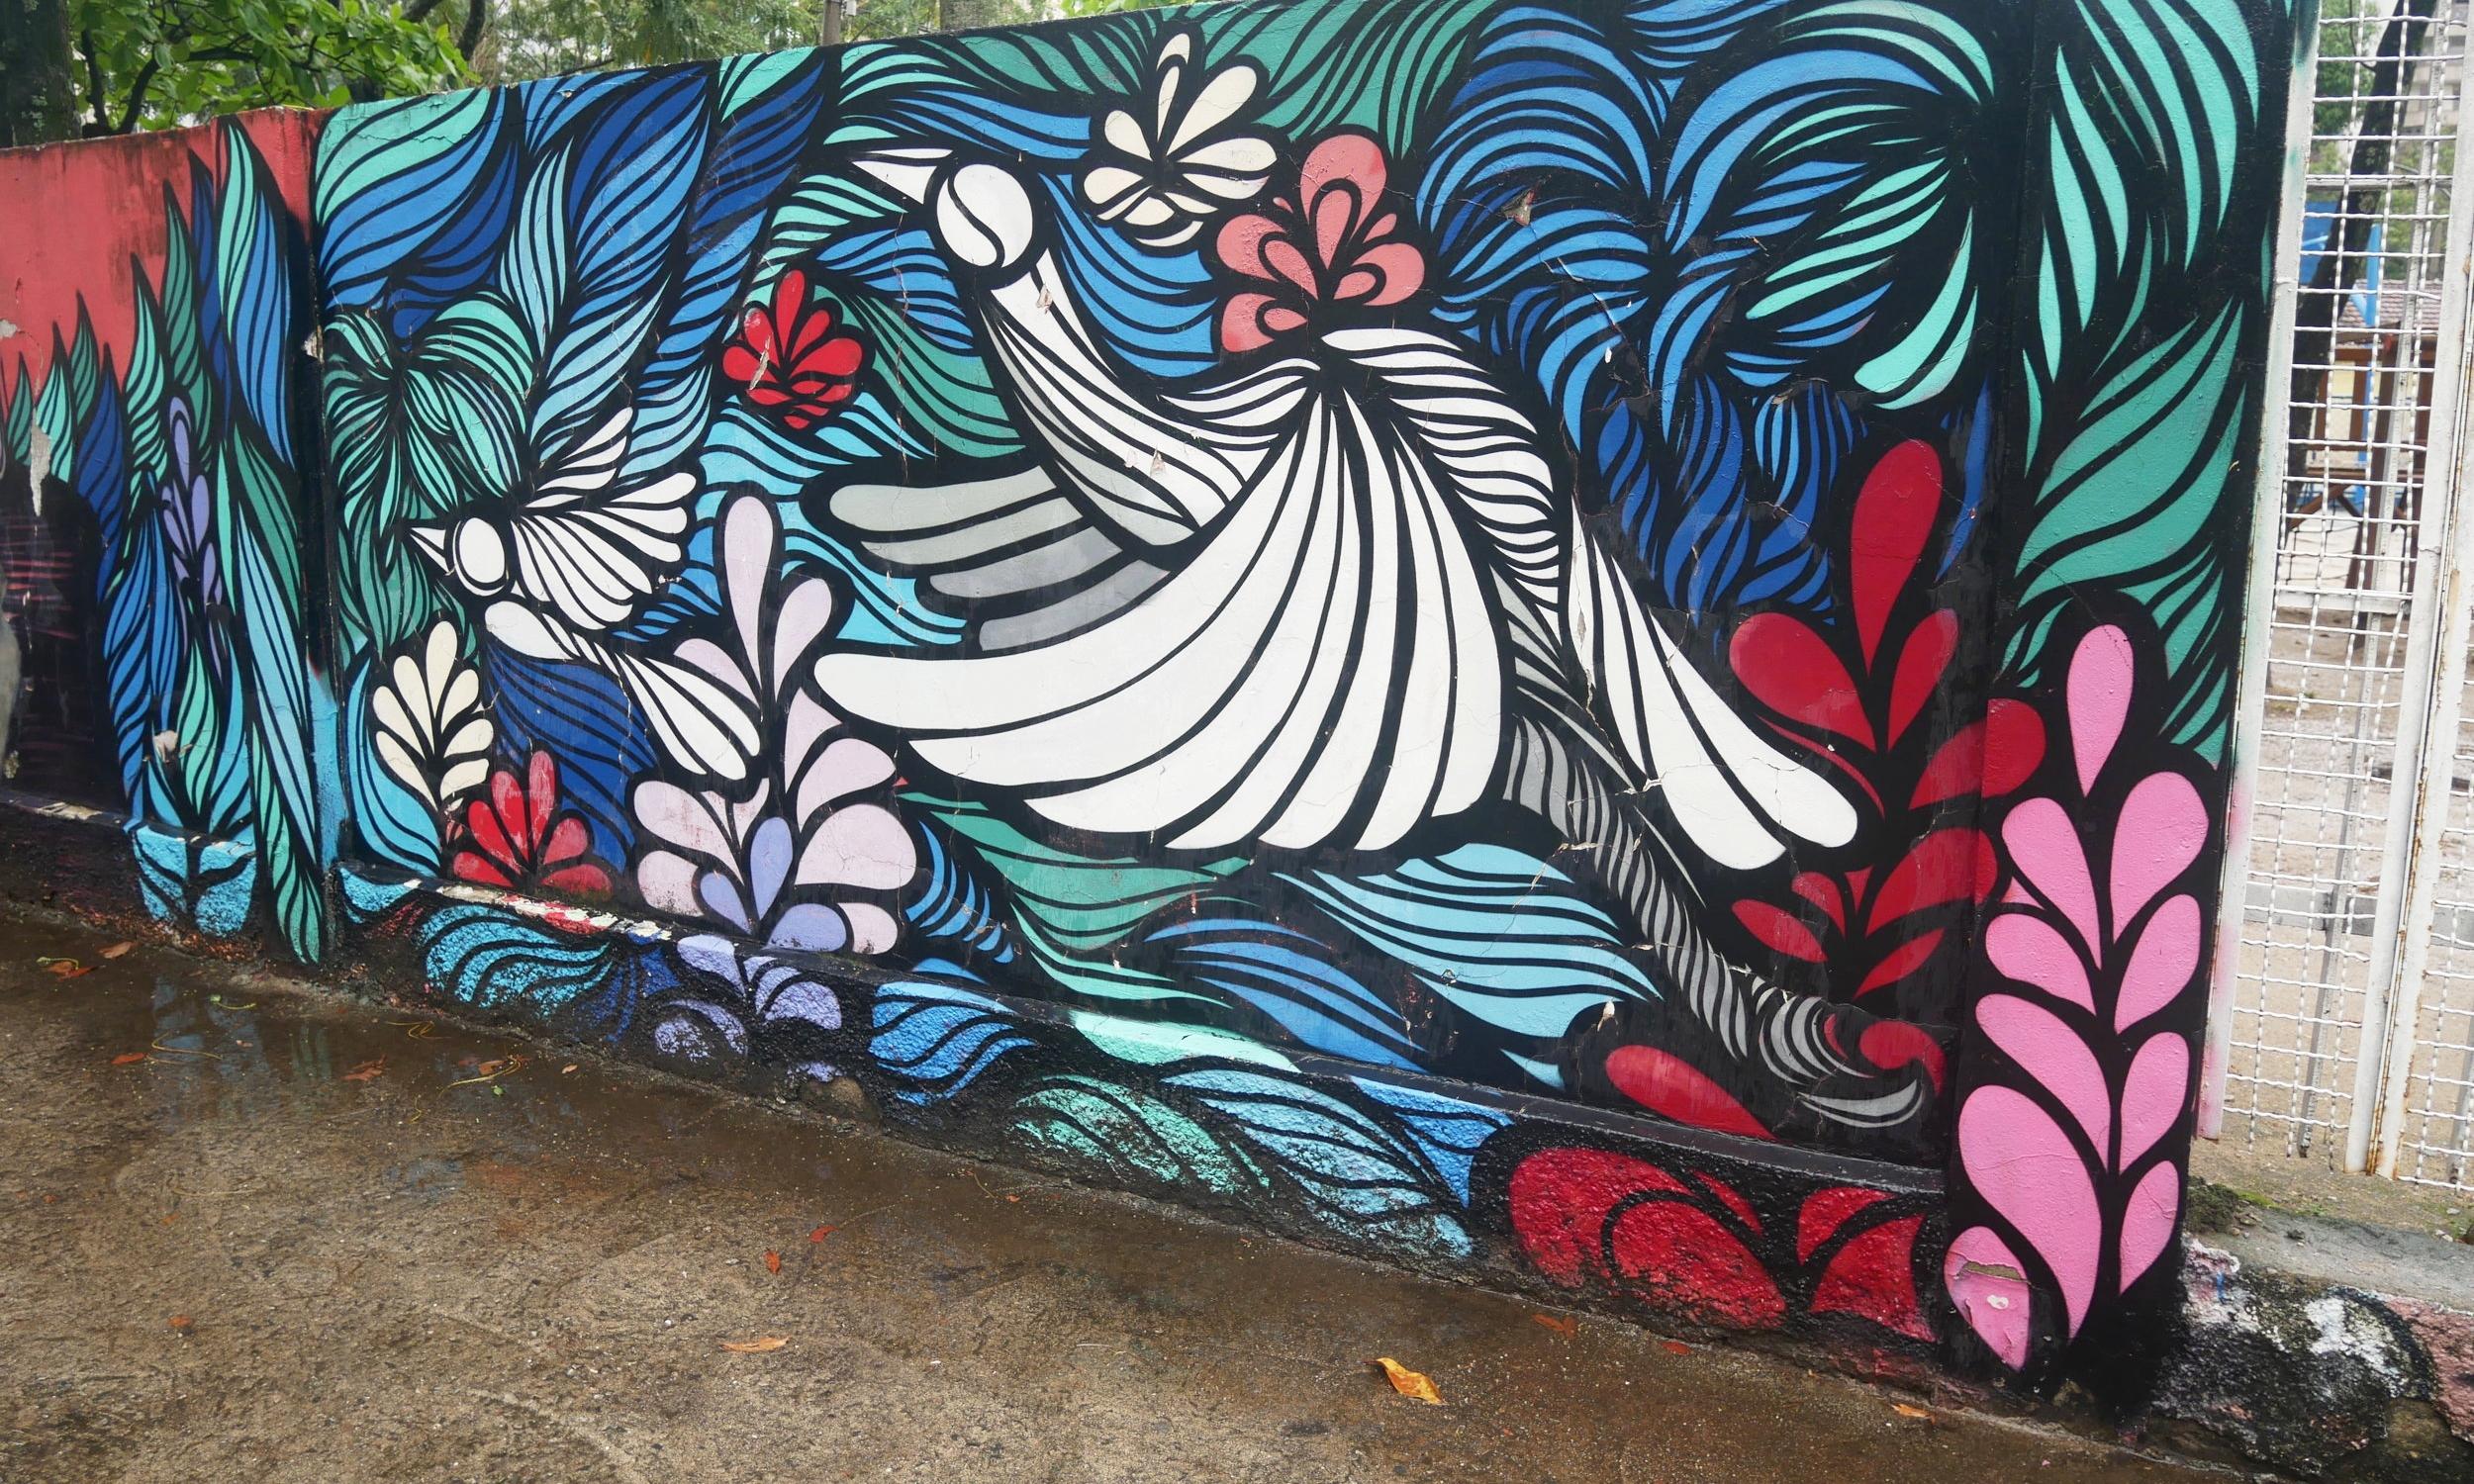 Beautiful street art in Rio